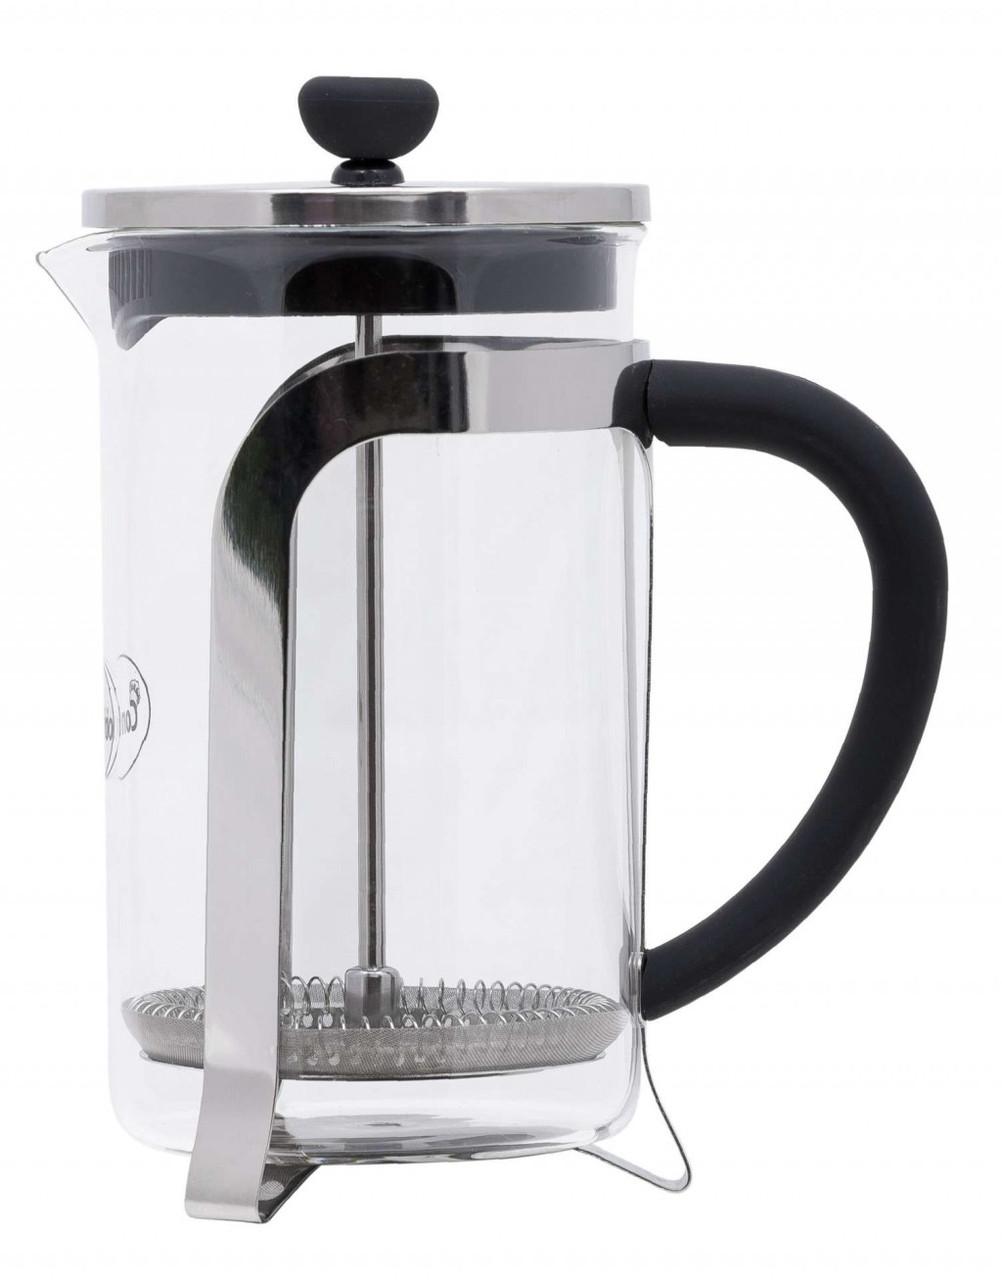 Френч-прес для заварювання Con Brio CB-5510 (1000 мл) скло | заварник Con Brio | заварювальний чайник